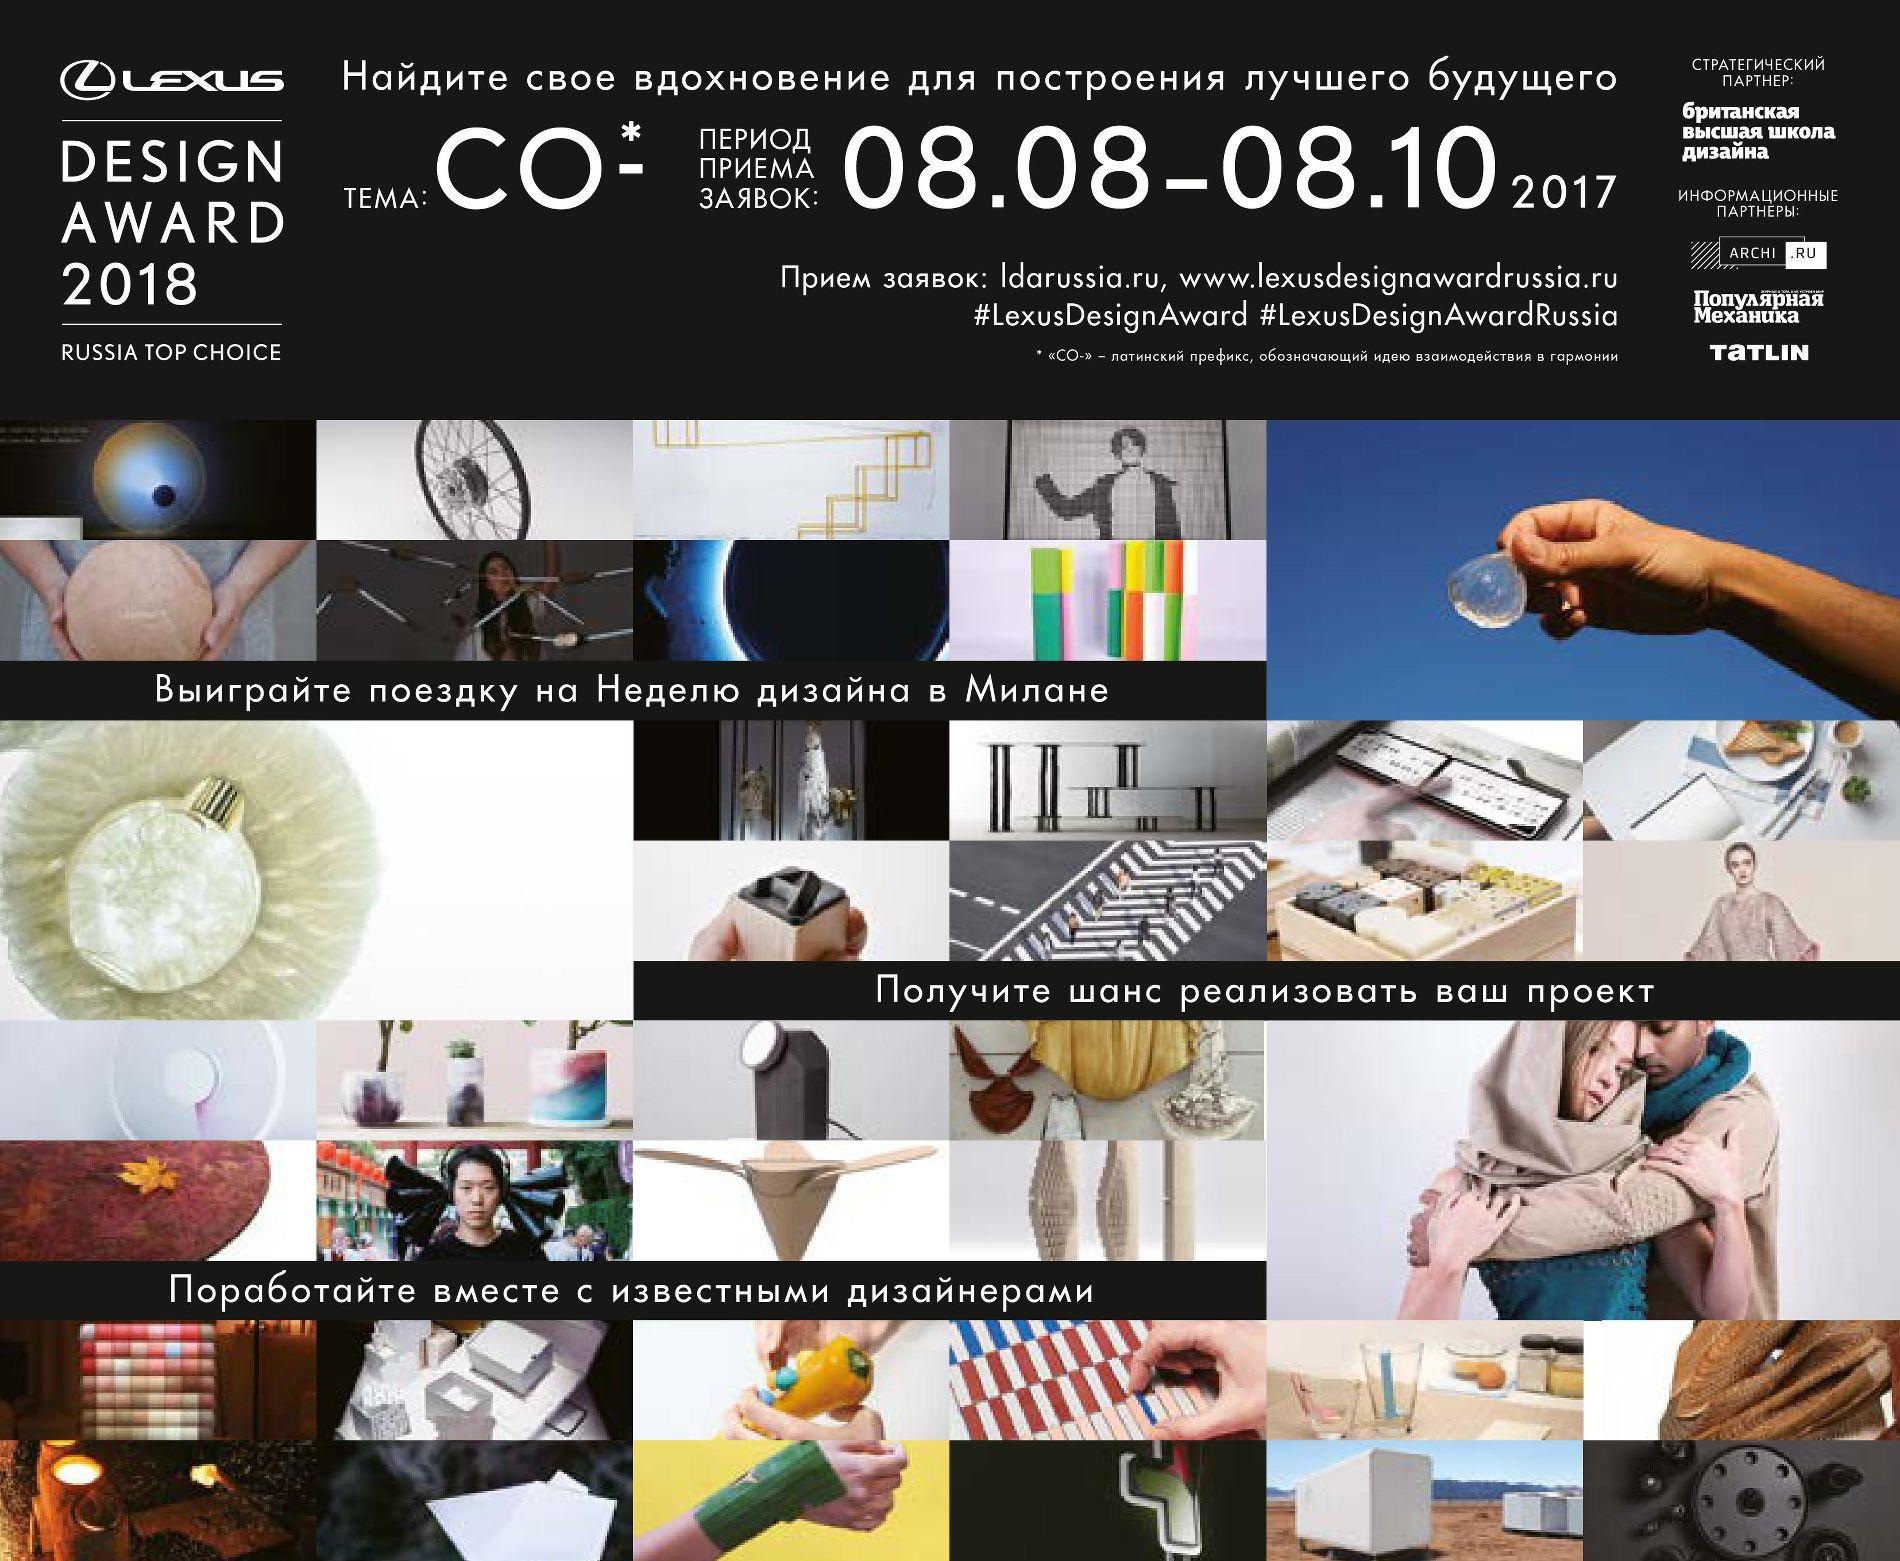 Конкурс юный дизайнер 2018